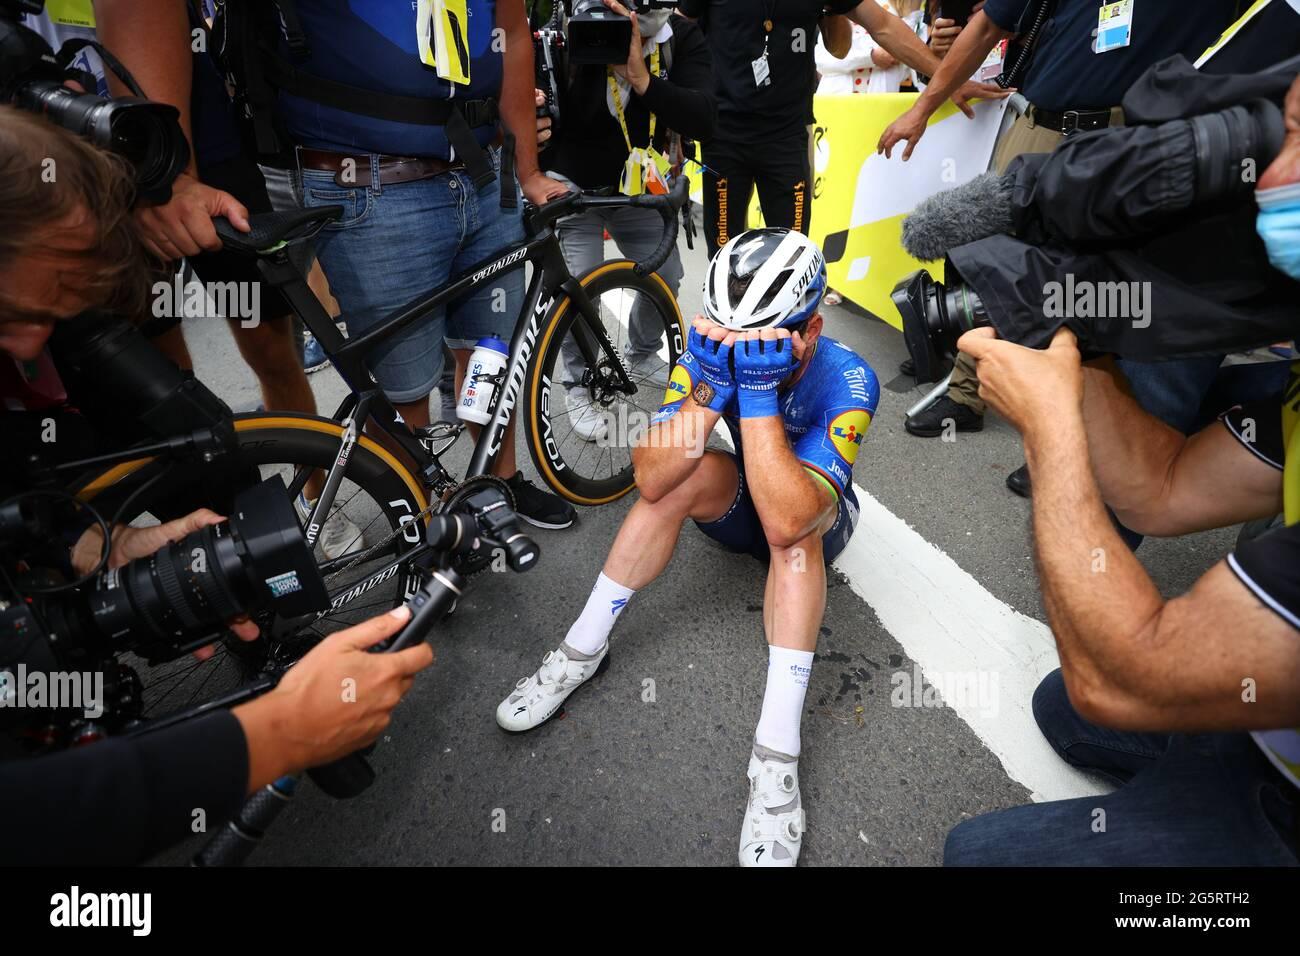 Frankreich, Fougeres, Redon, 29/06/2021, Tour de France 2021, Etappe 4, Redon nach Fougeres. Mark Cavendish feiert auf der Ziellinie und sitzt dann mit dem Kopf in den Händen, nachdem er die Etappe im Sprint gewonnen hat. Stockfoto